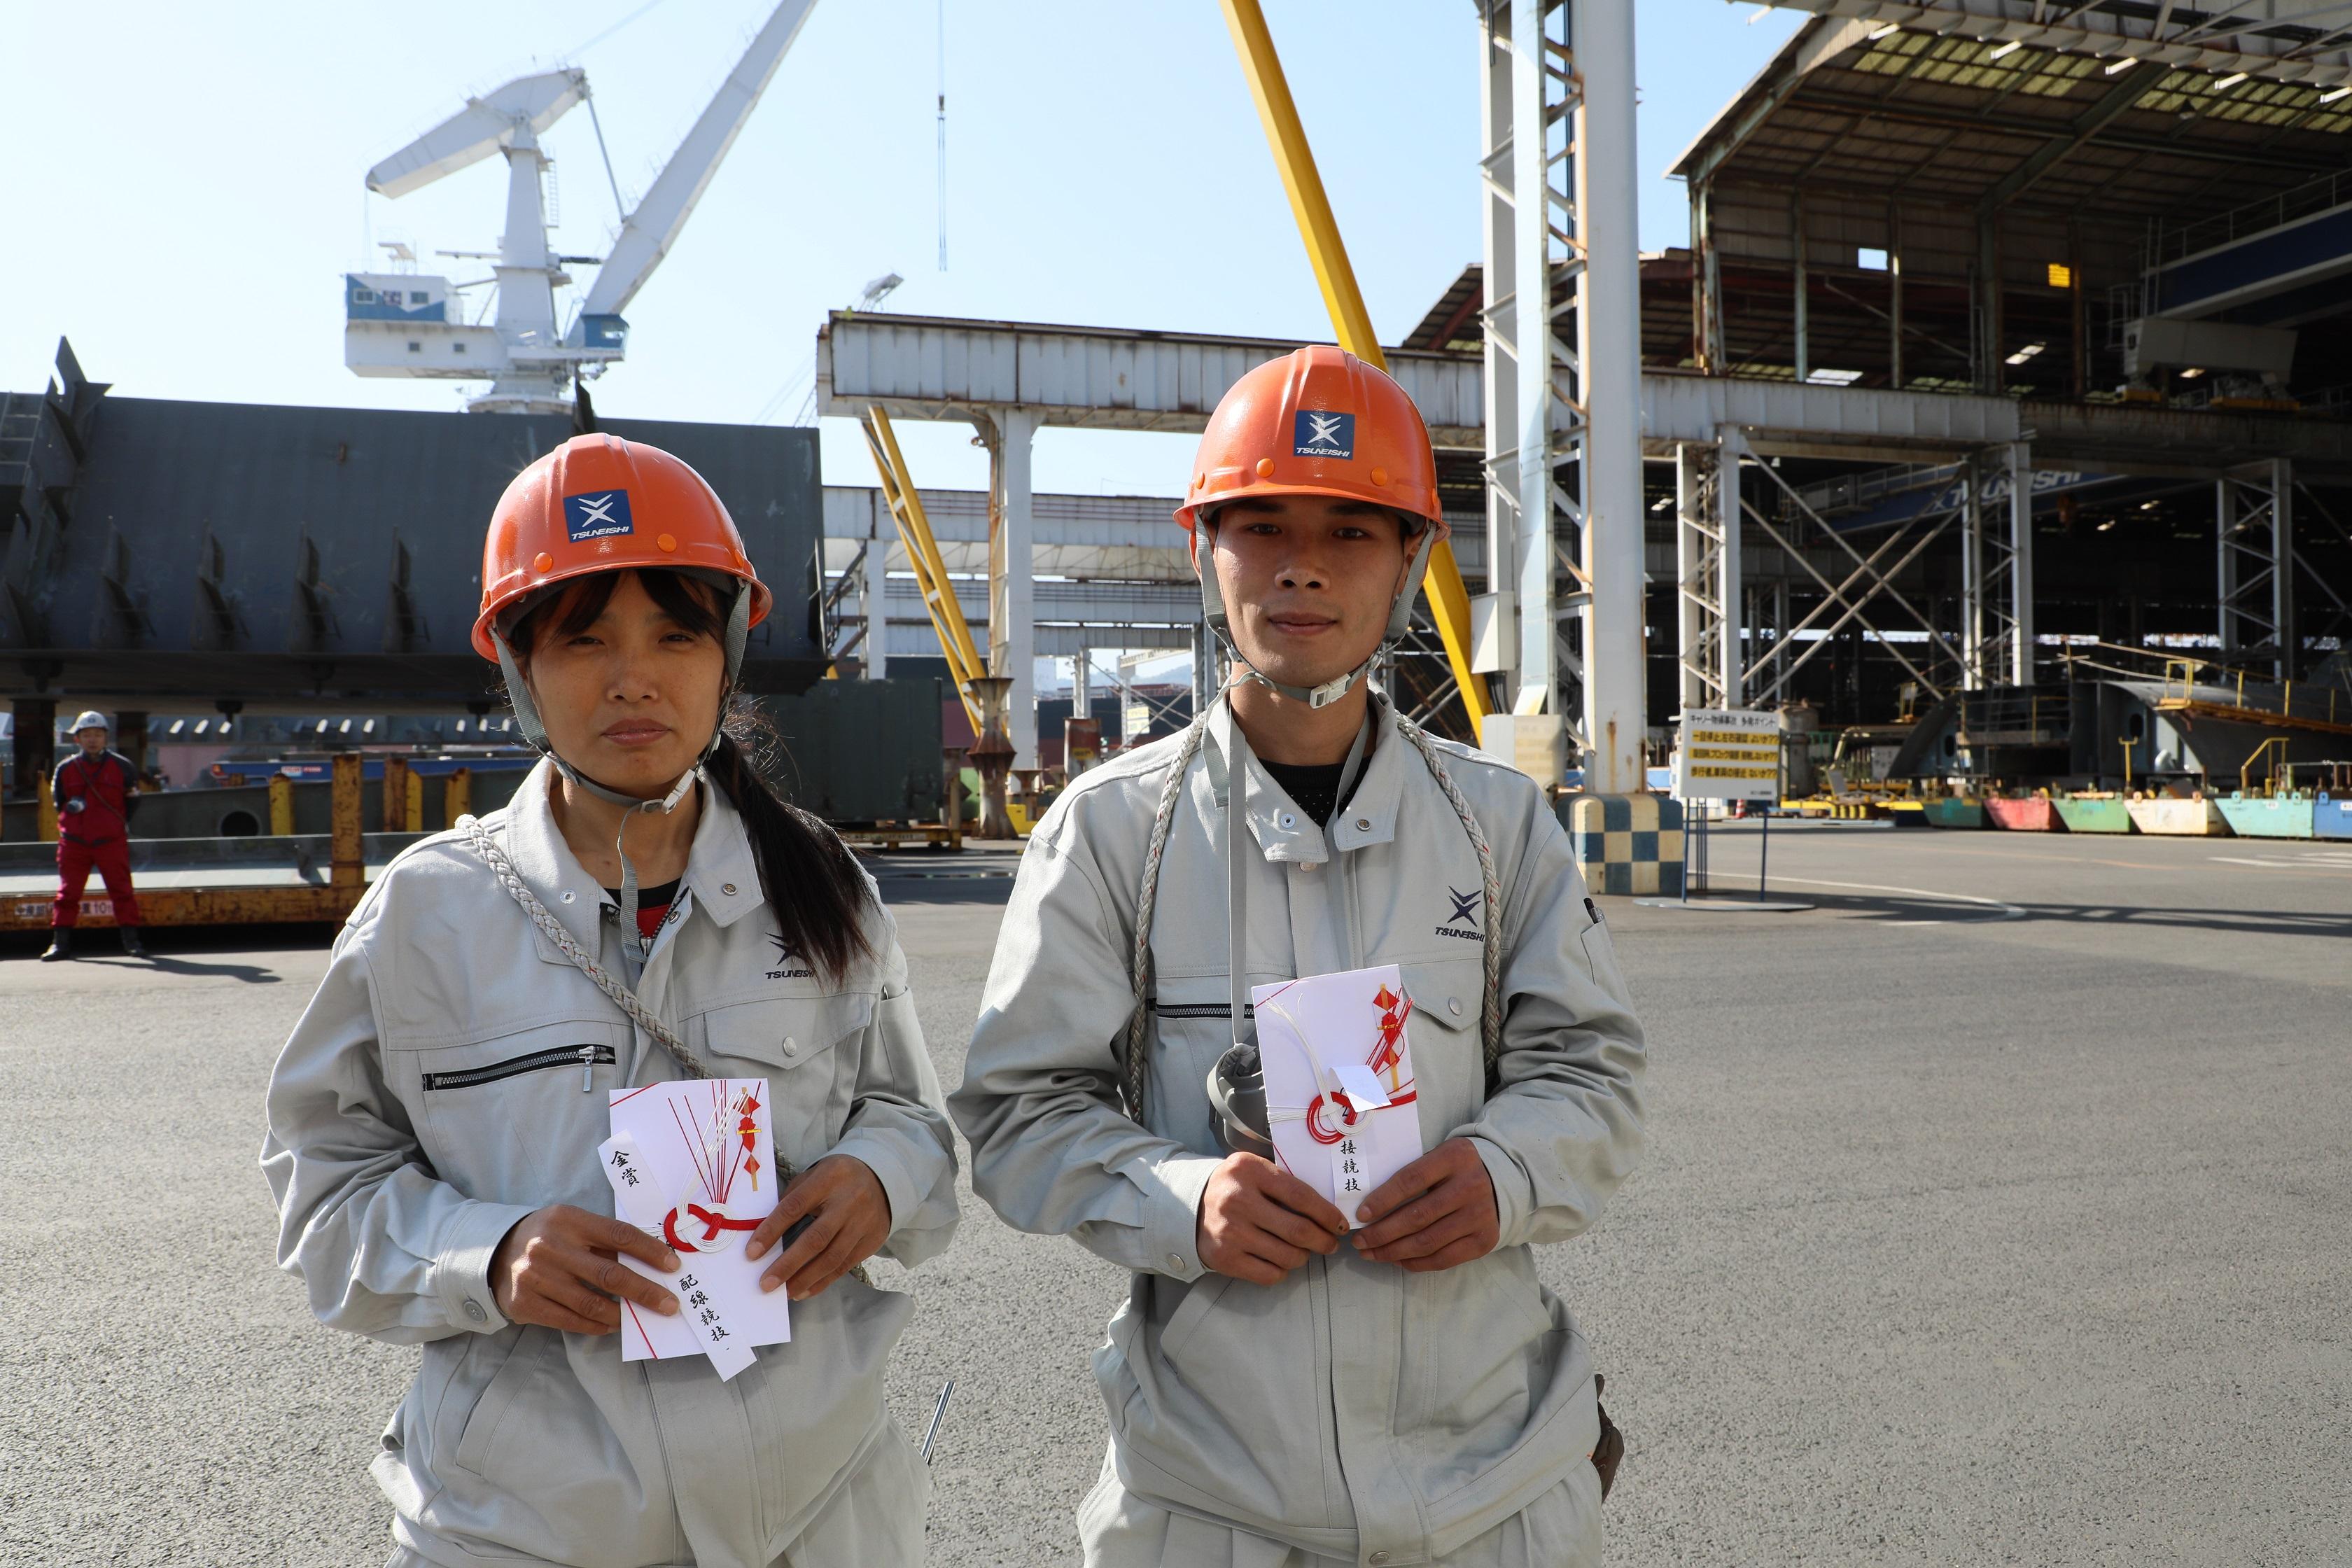 常石集団(舟山)造船有限公司からの参加選手